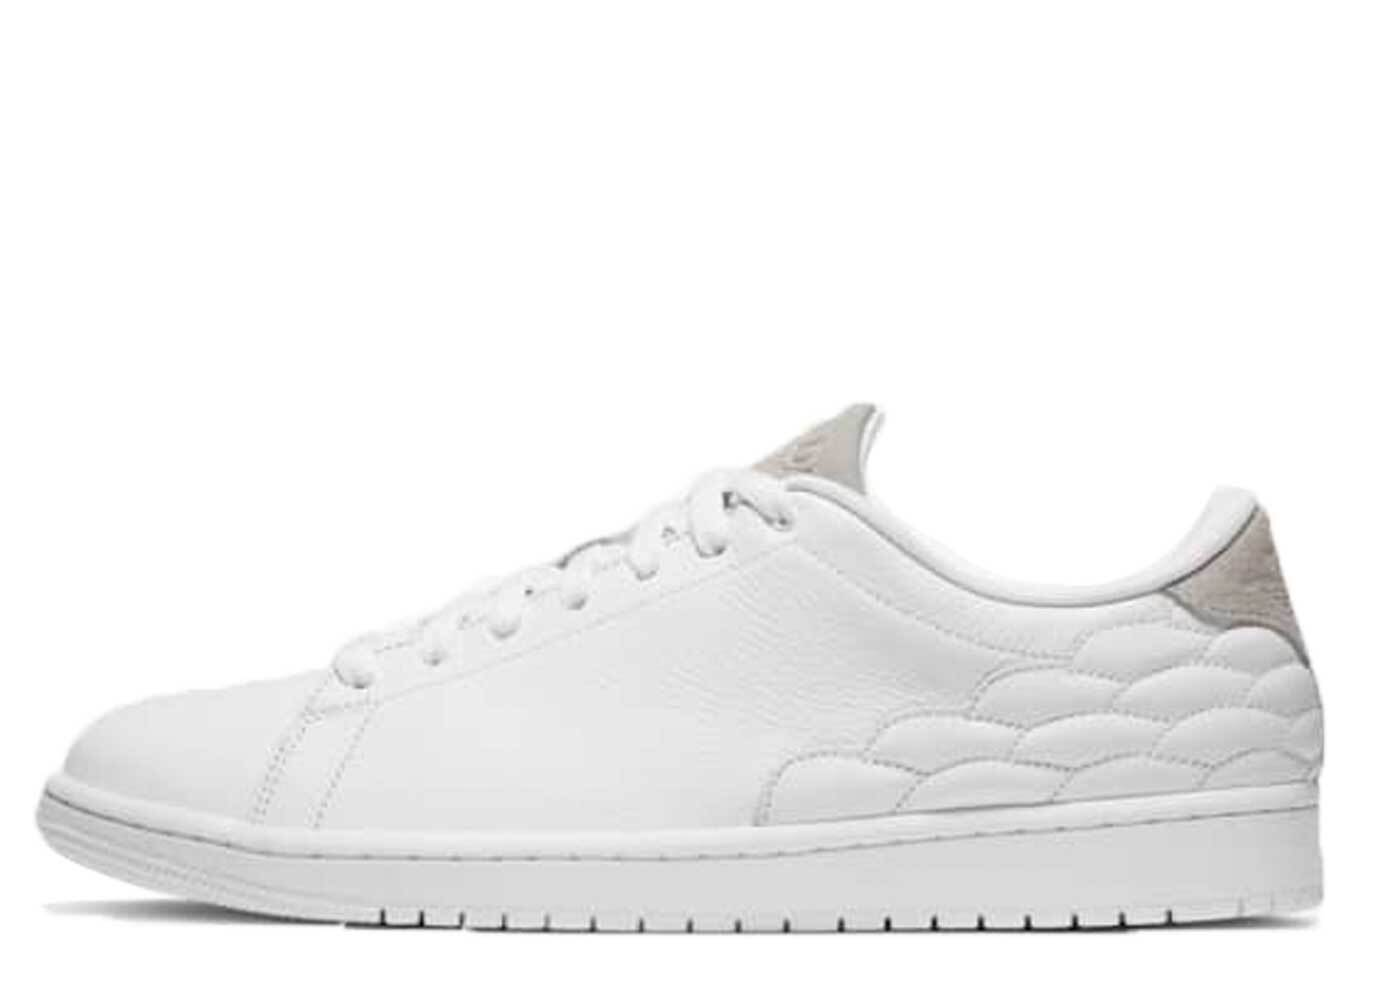 Nike Air Jordan 1 Center Court White On Whiteの写真